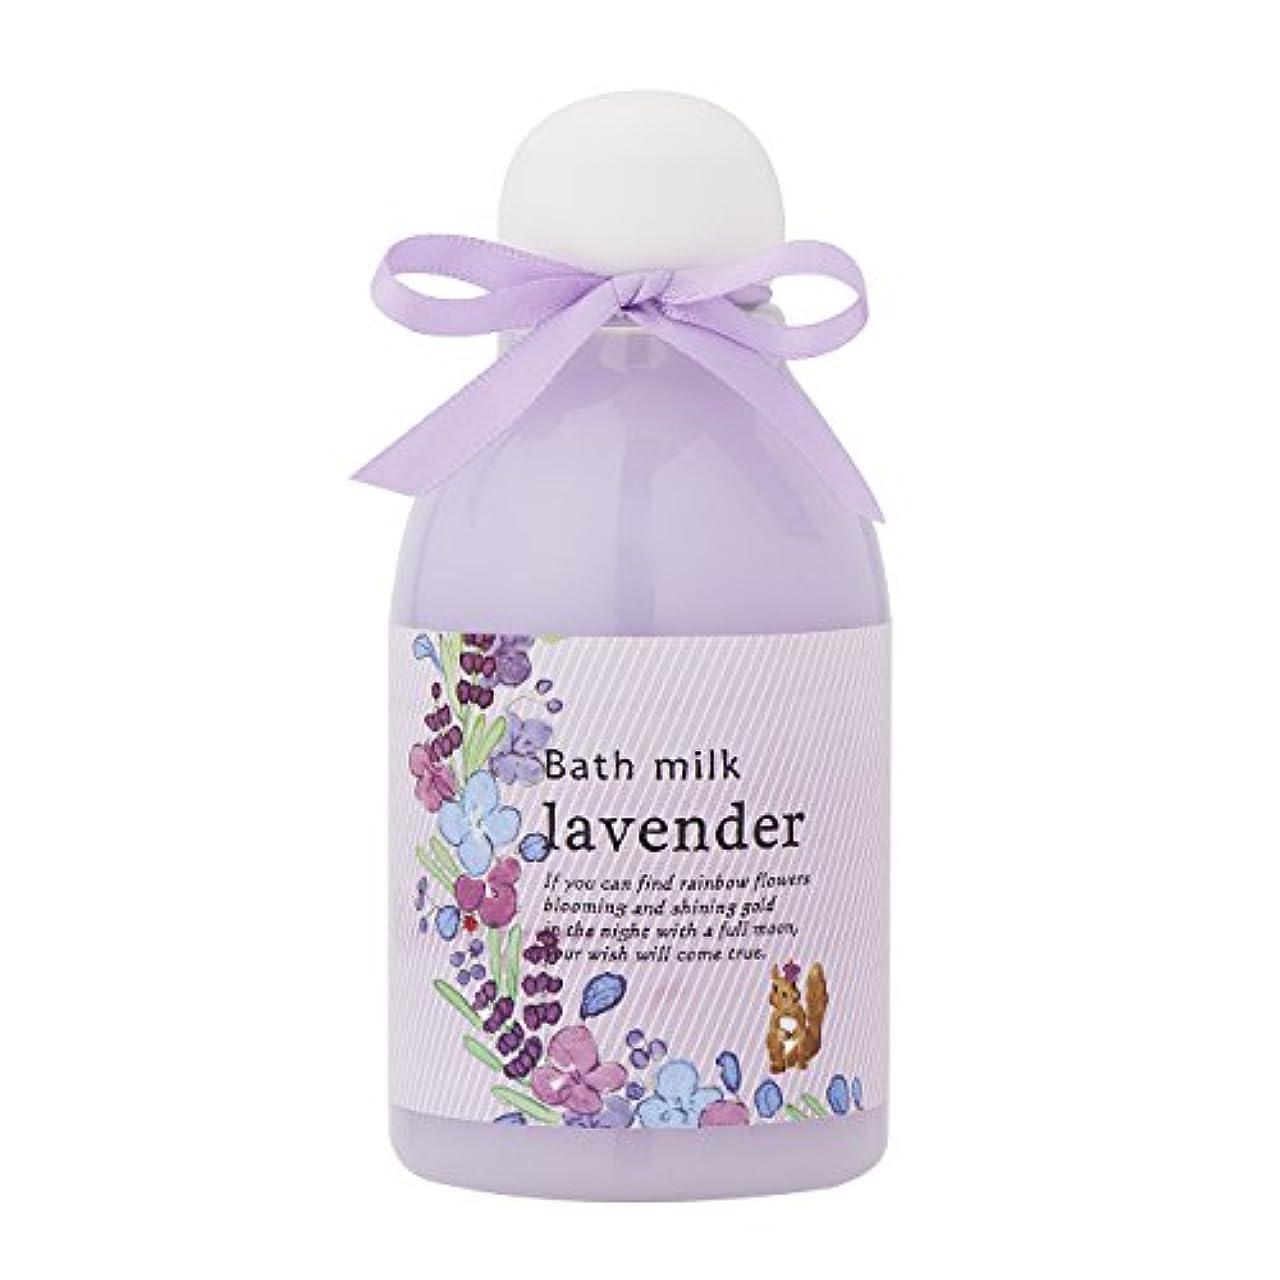 苦い馬鹿恐怖サンハーブ バスミルク ラベンダー 200ml(バブルバスタイプ入浴料 泡風呂 ふわっと爽やかなラベンダーの香り)